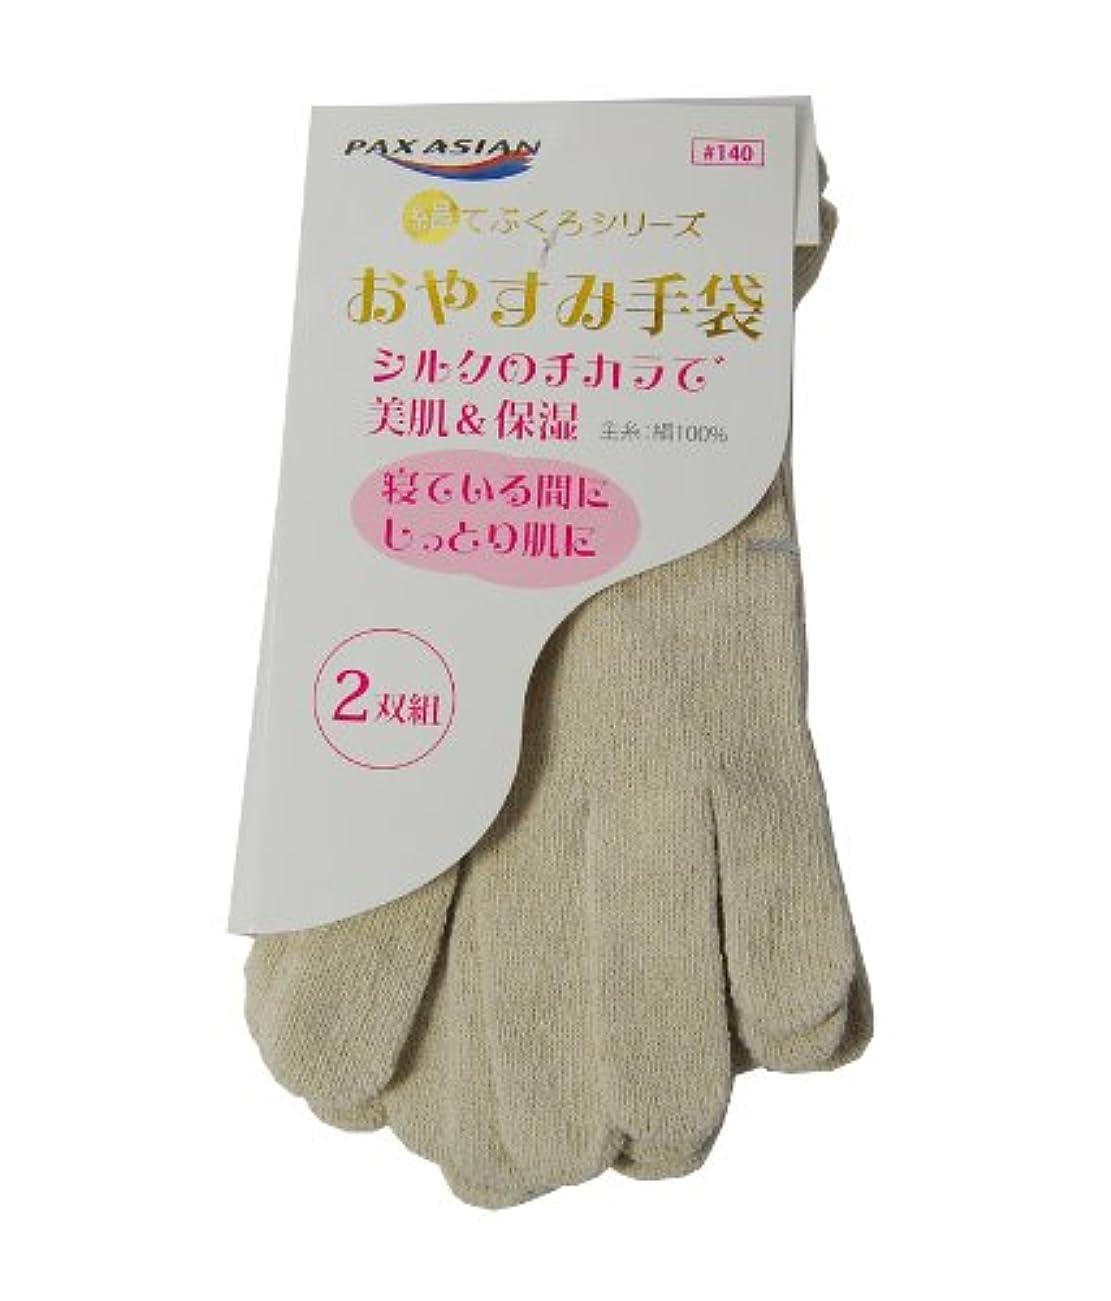 治療ボット口PAX-ASIAN おやすみ シルク手袋 フレアータイプ 絹 100% ソフト 婦人用 2双組 #140